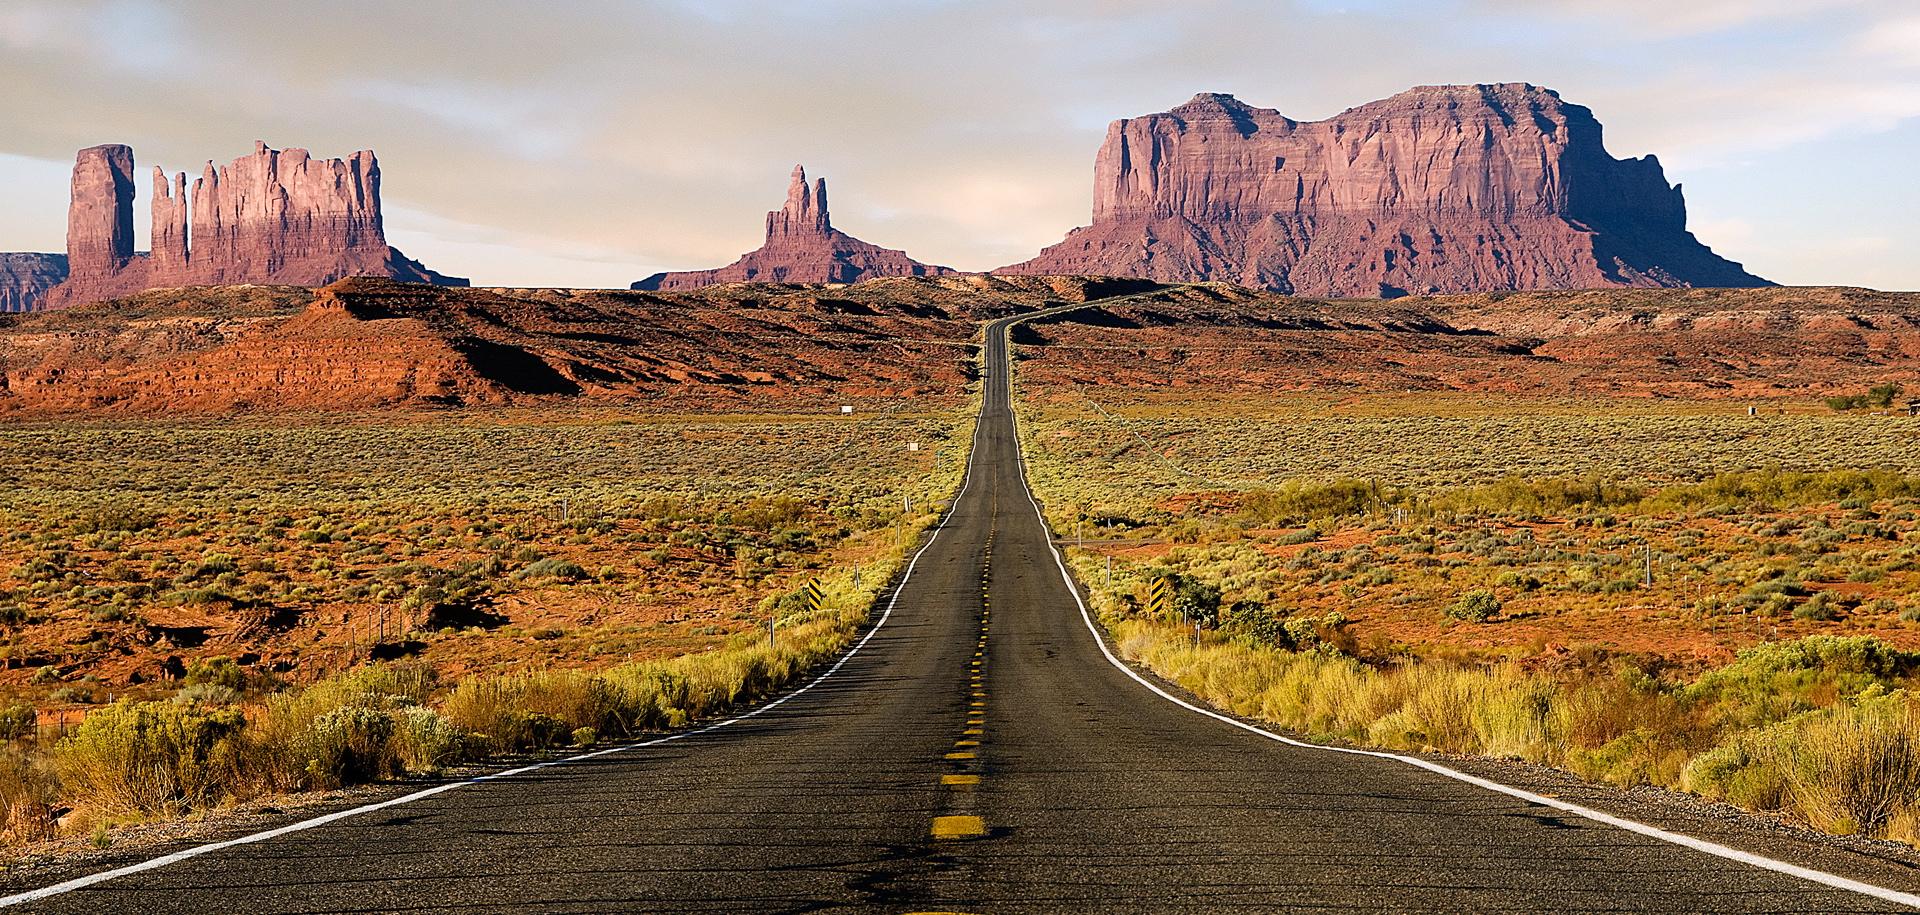 L'automobile et le Rock : une quête de liberté !